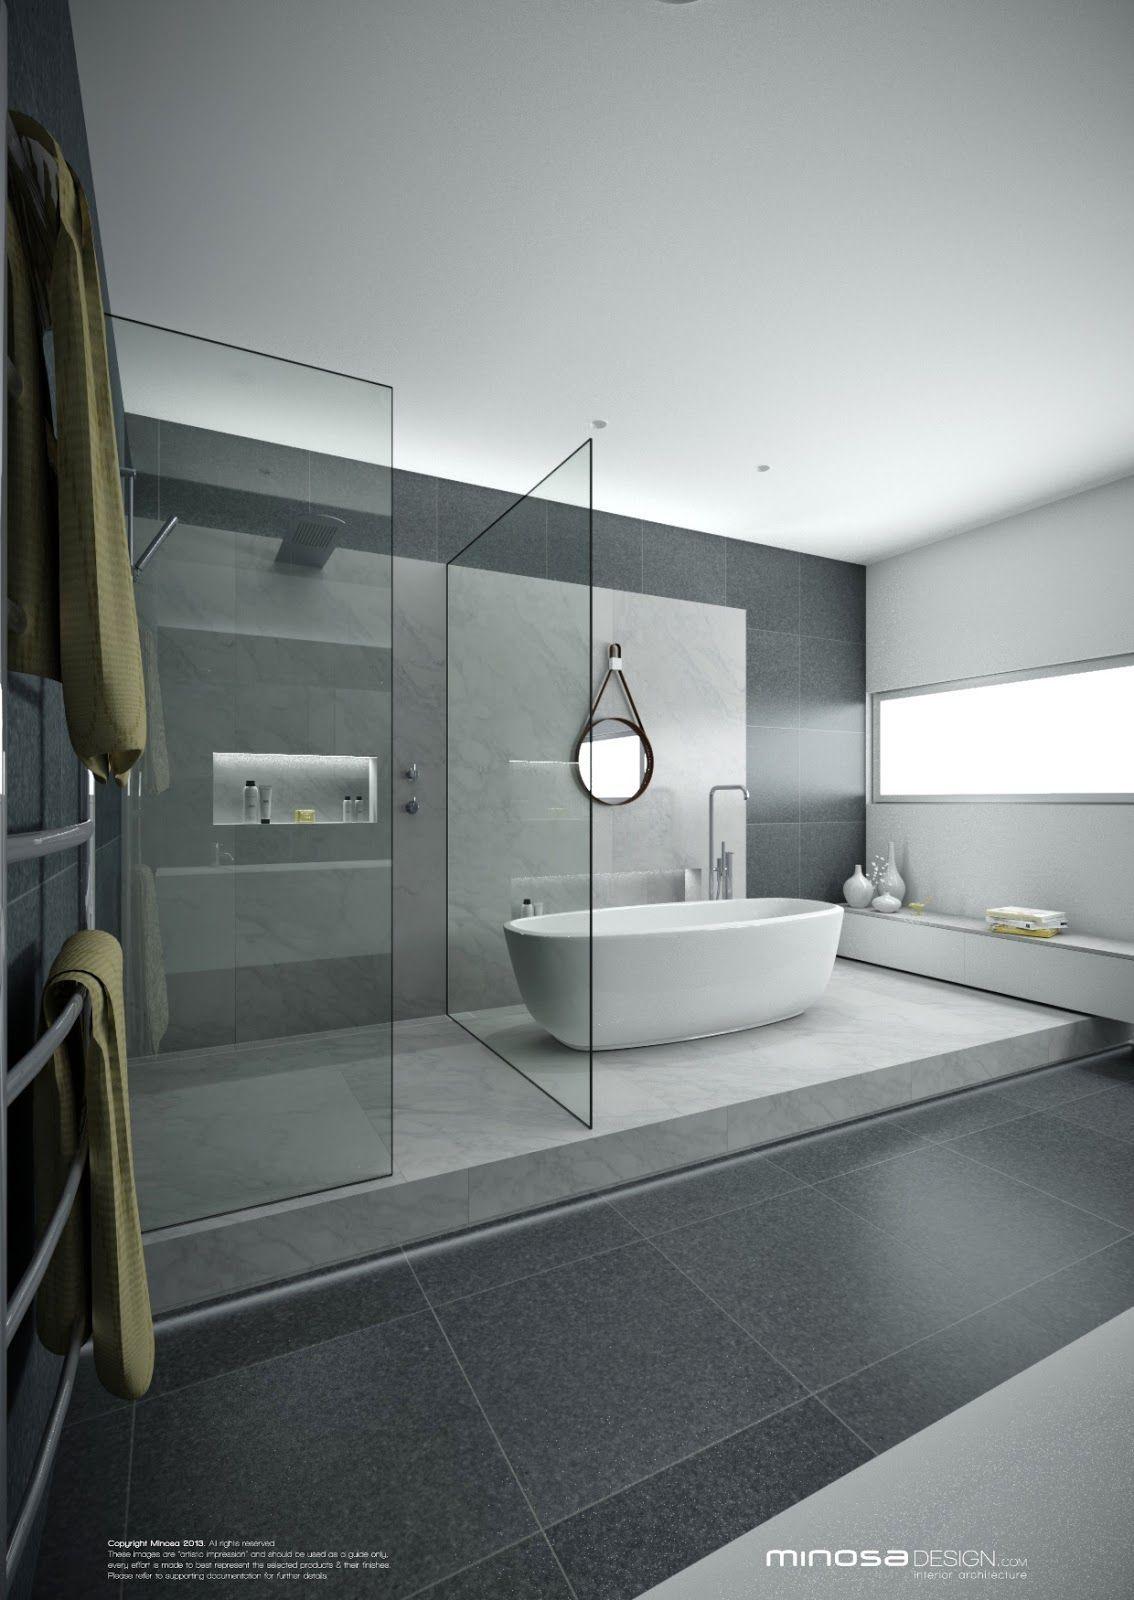 Best Kitchen Gallery: Modern Kitchen And Bathroom Design Solutions Award Winning Design of Award Winning Bathroom Designs  on rachelxblog.com